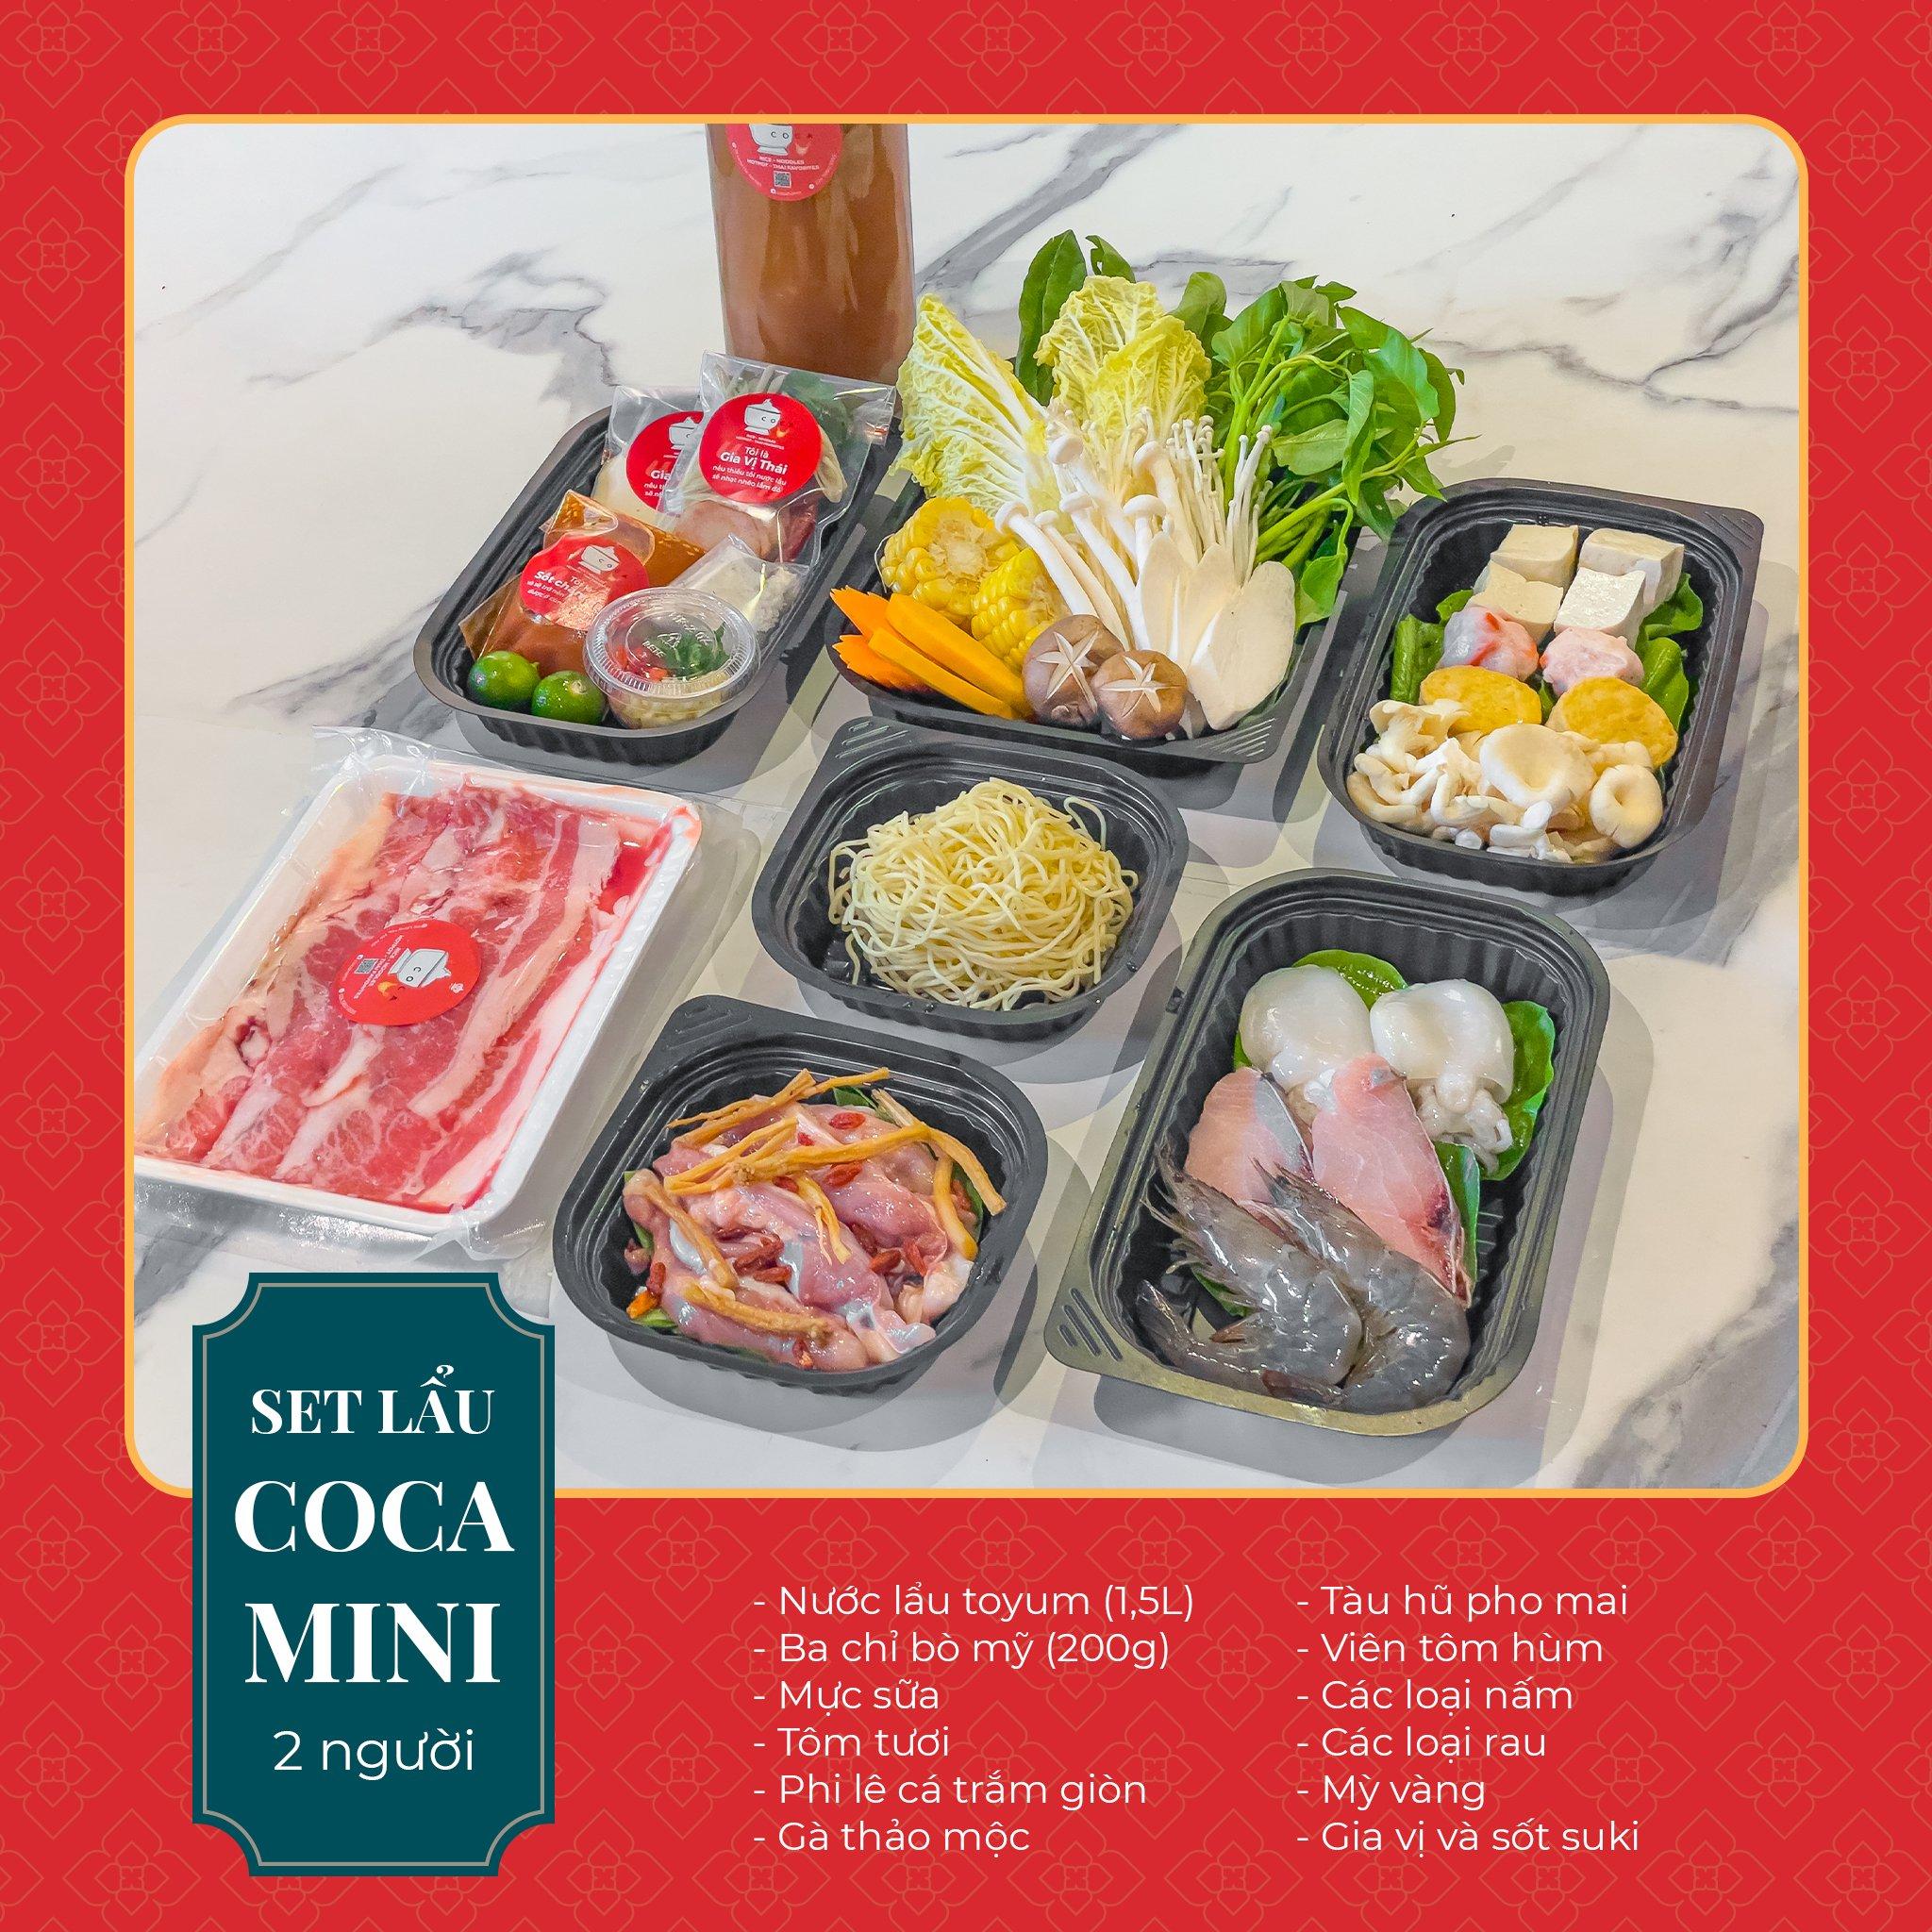 Set lẩu COCA mini (dành cho 2 người)